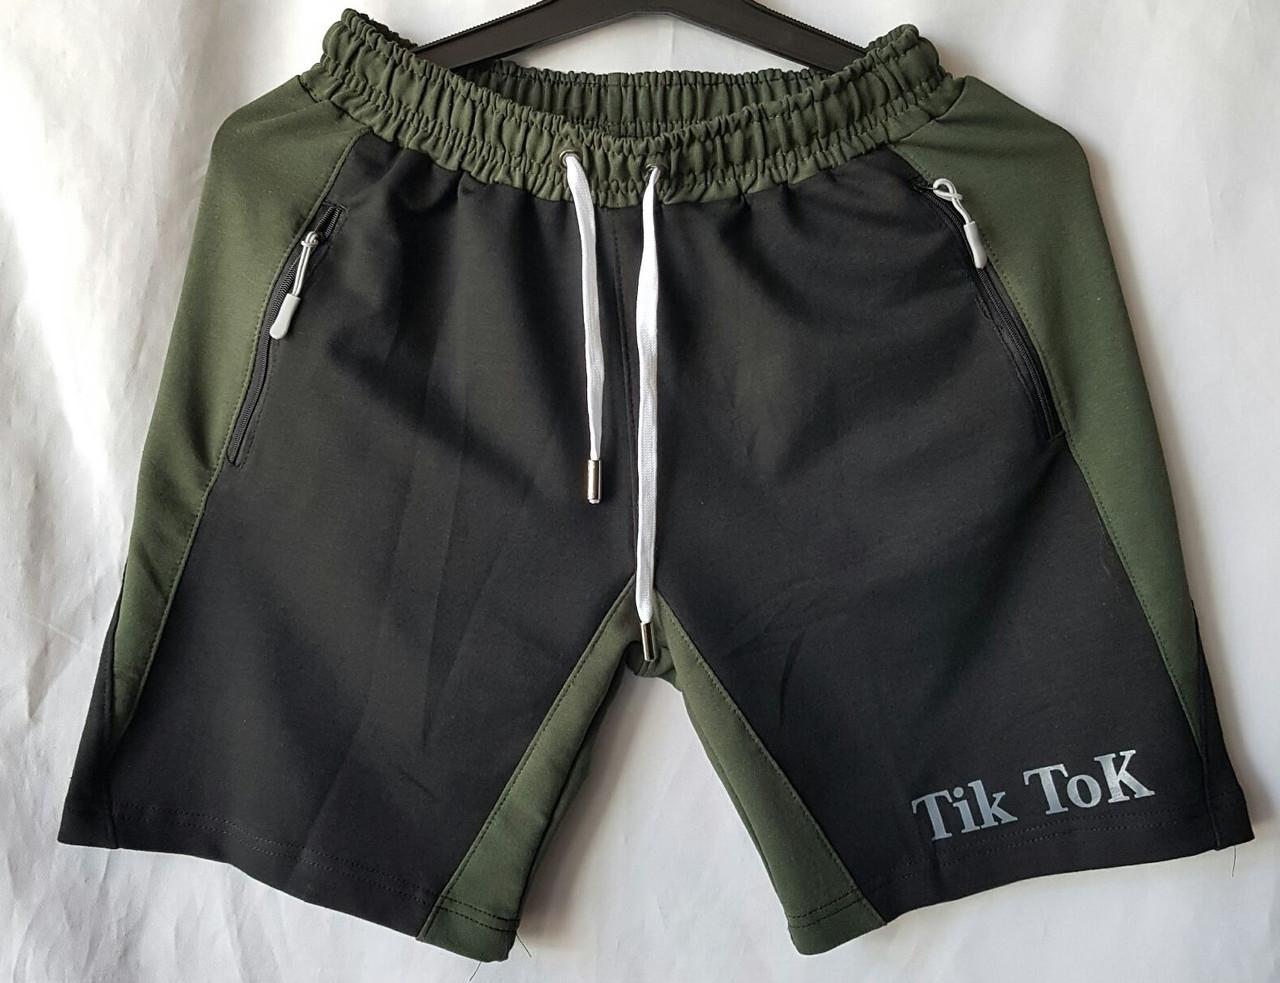 """Шорты детские трикотажные """"Tik Tok"""". Размеры 7-12 лет. Хаки с чёрным. Оптом."""